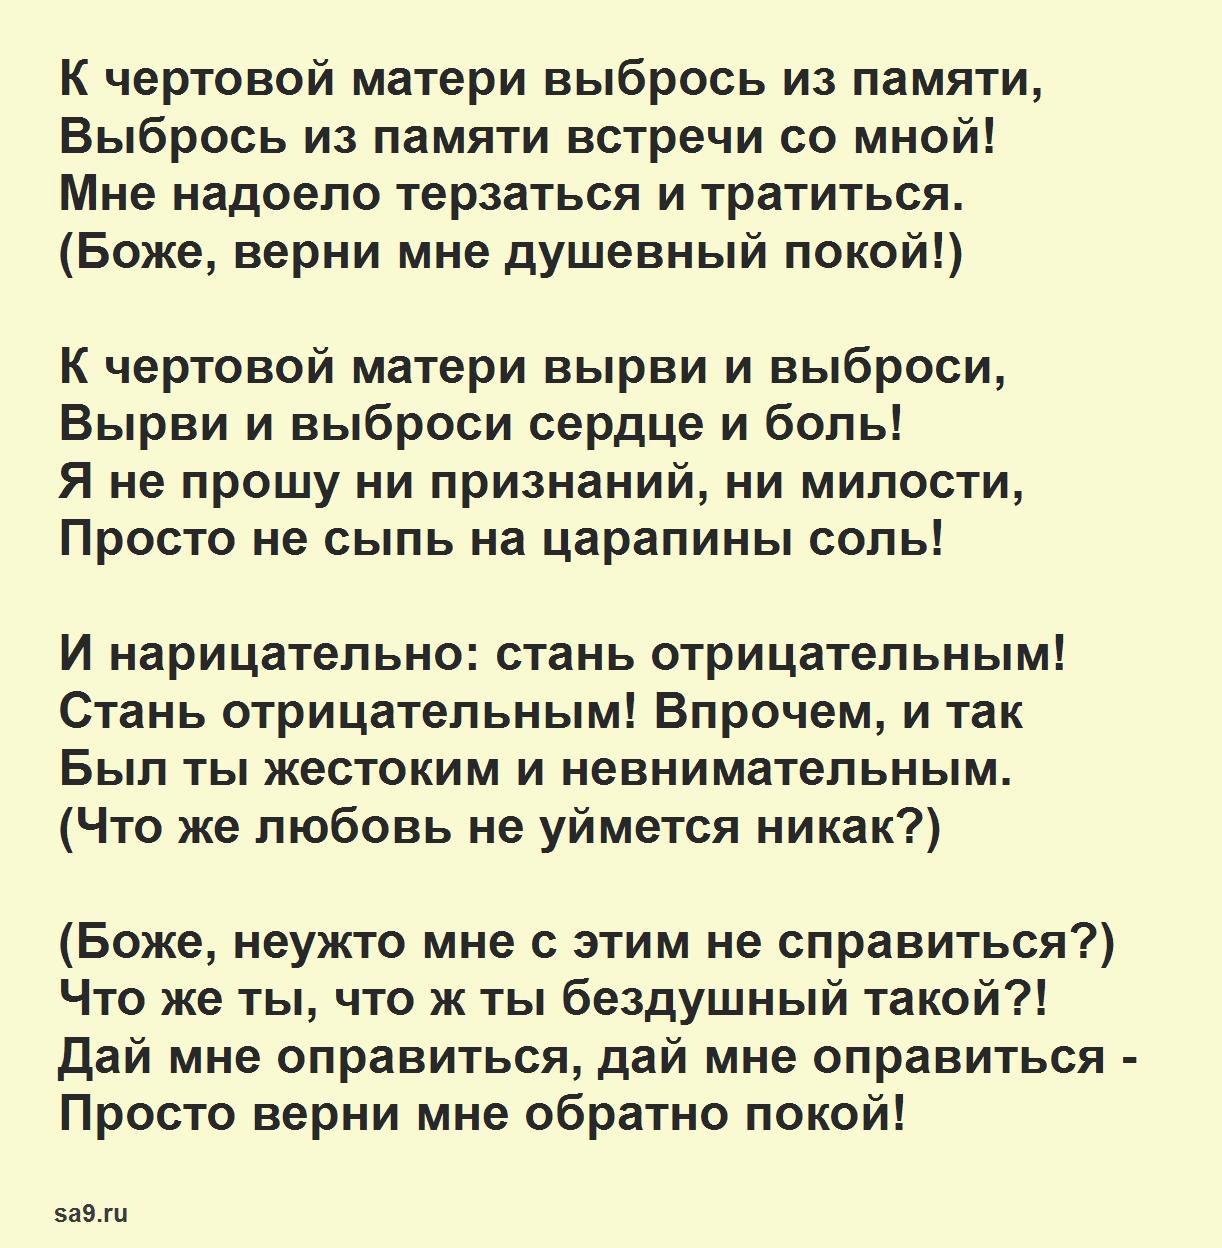 Стихи Астаховой о любви - К чертовой матери выбрось из памяти